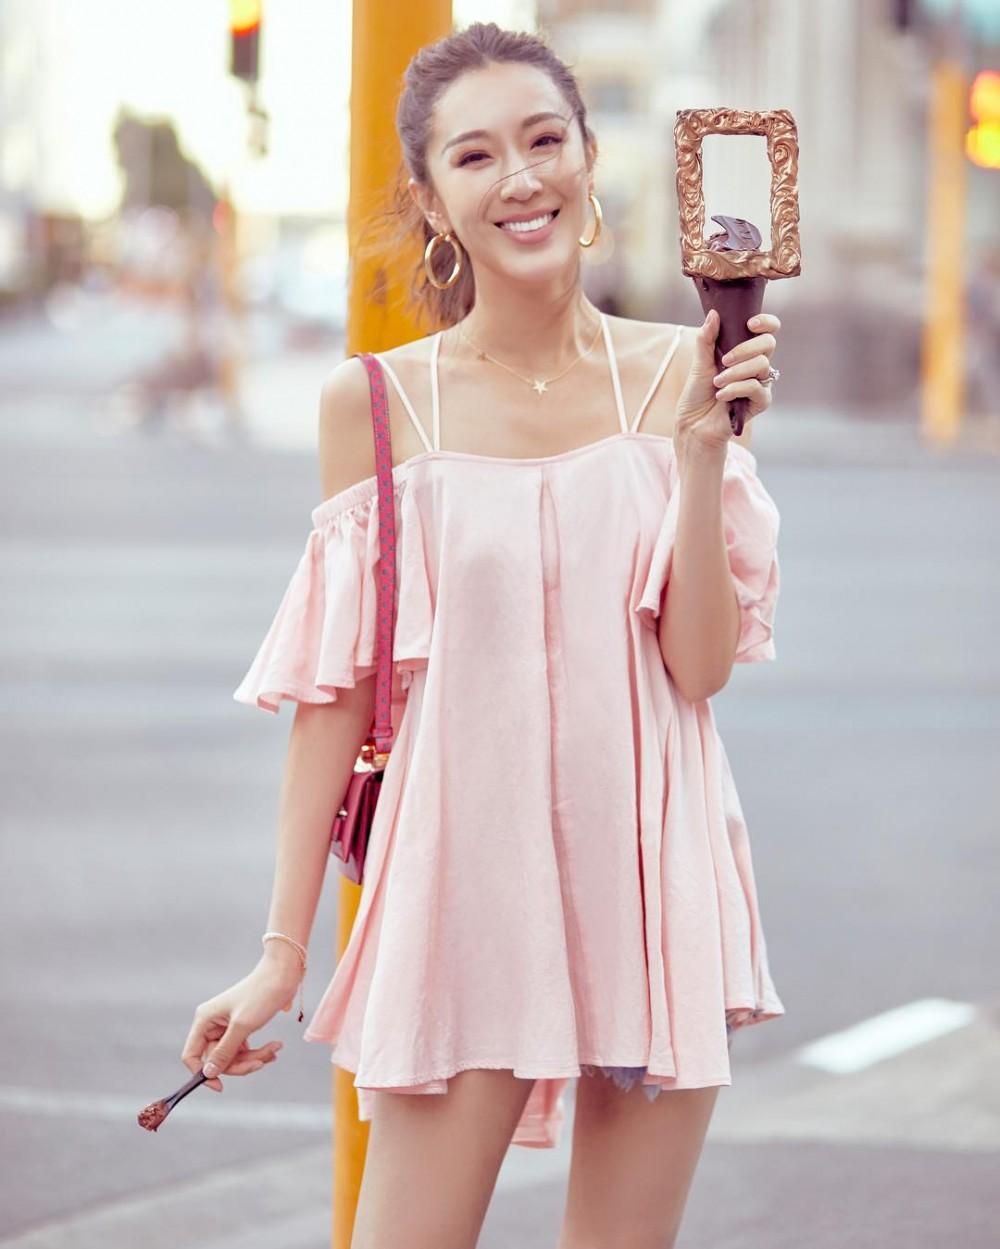 Suitangtang's Instagram